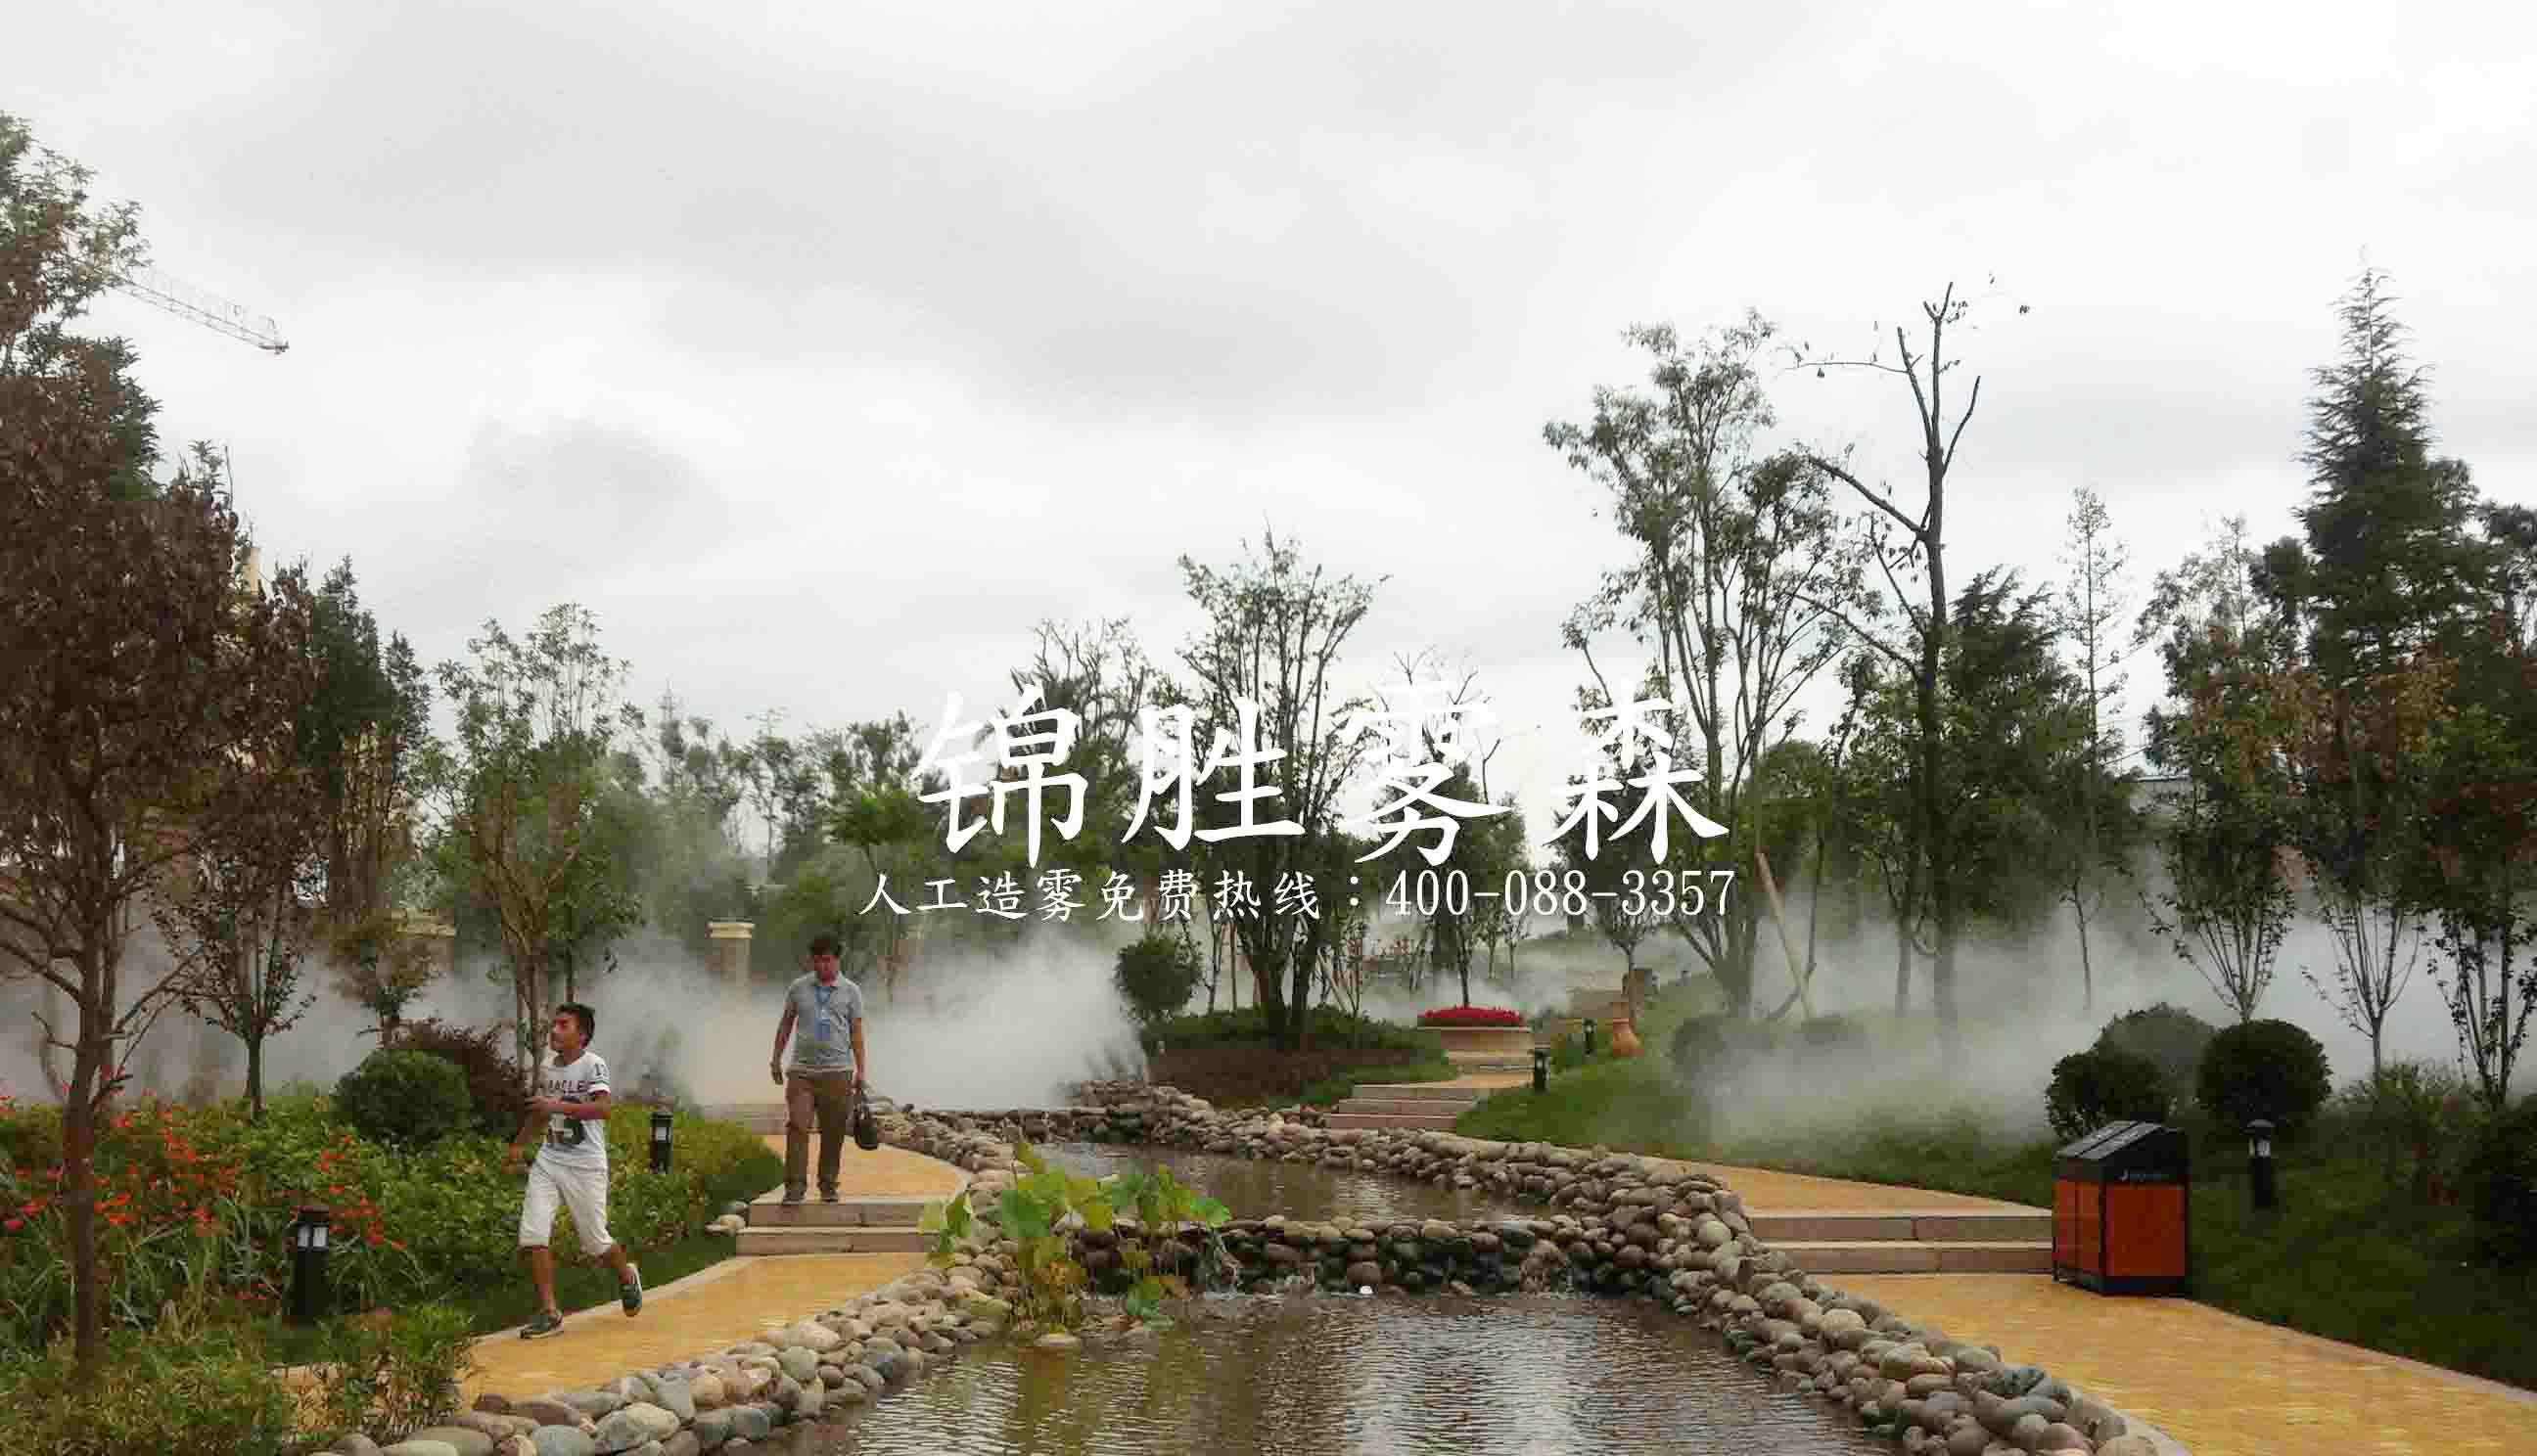 置身其中,真切的呼吸到湿润新鲜的空气,体验在原始森林中的感觉,同时,彻底解决北方地区绿化植被难以保持的问题,和室内外垂直绿化造景融为一体 一、造景、保湿功能 雾森喷头的特殊的景观效果和保湿作用,在园林环境设计中尤其得到了广泛的运用。它可以增加瀑布景观的气势,为连廊、休息亭营造休闲神秘的氛围,更可为园林幽径添上一分闲适的浪漫感觉。 二、防暑降温功能 通过锦胜雾森系统散发到空气中的水微粒,在气化过程中要吸收大量周围环境中的热量,从而降低周围环境的温度,是防暑降温的有效手段。 三、防尘功能 带电荷水微粒能吸附漂